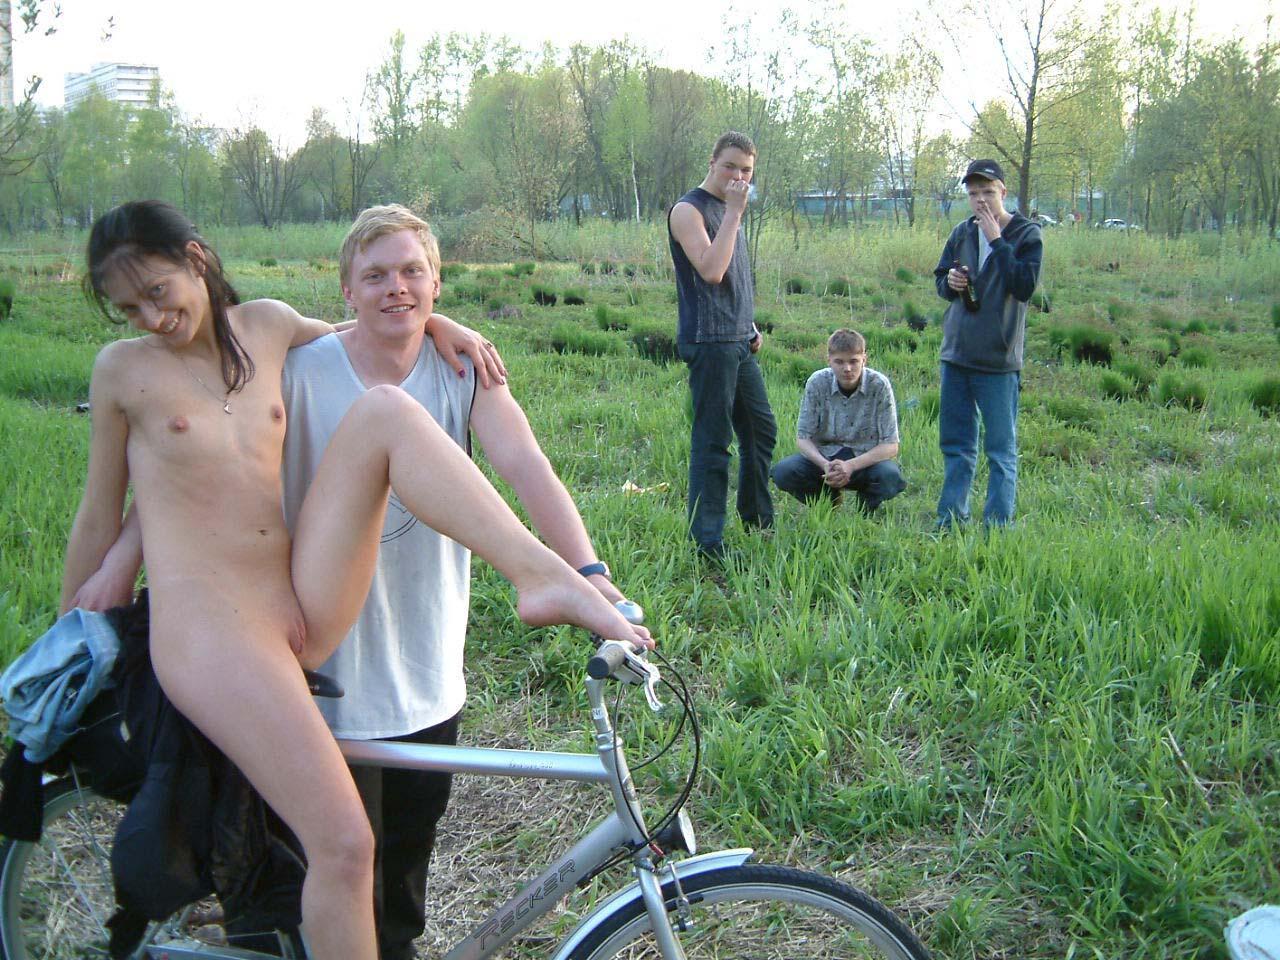 голые девушки фоткаются с парнями - 10